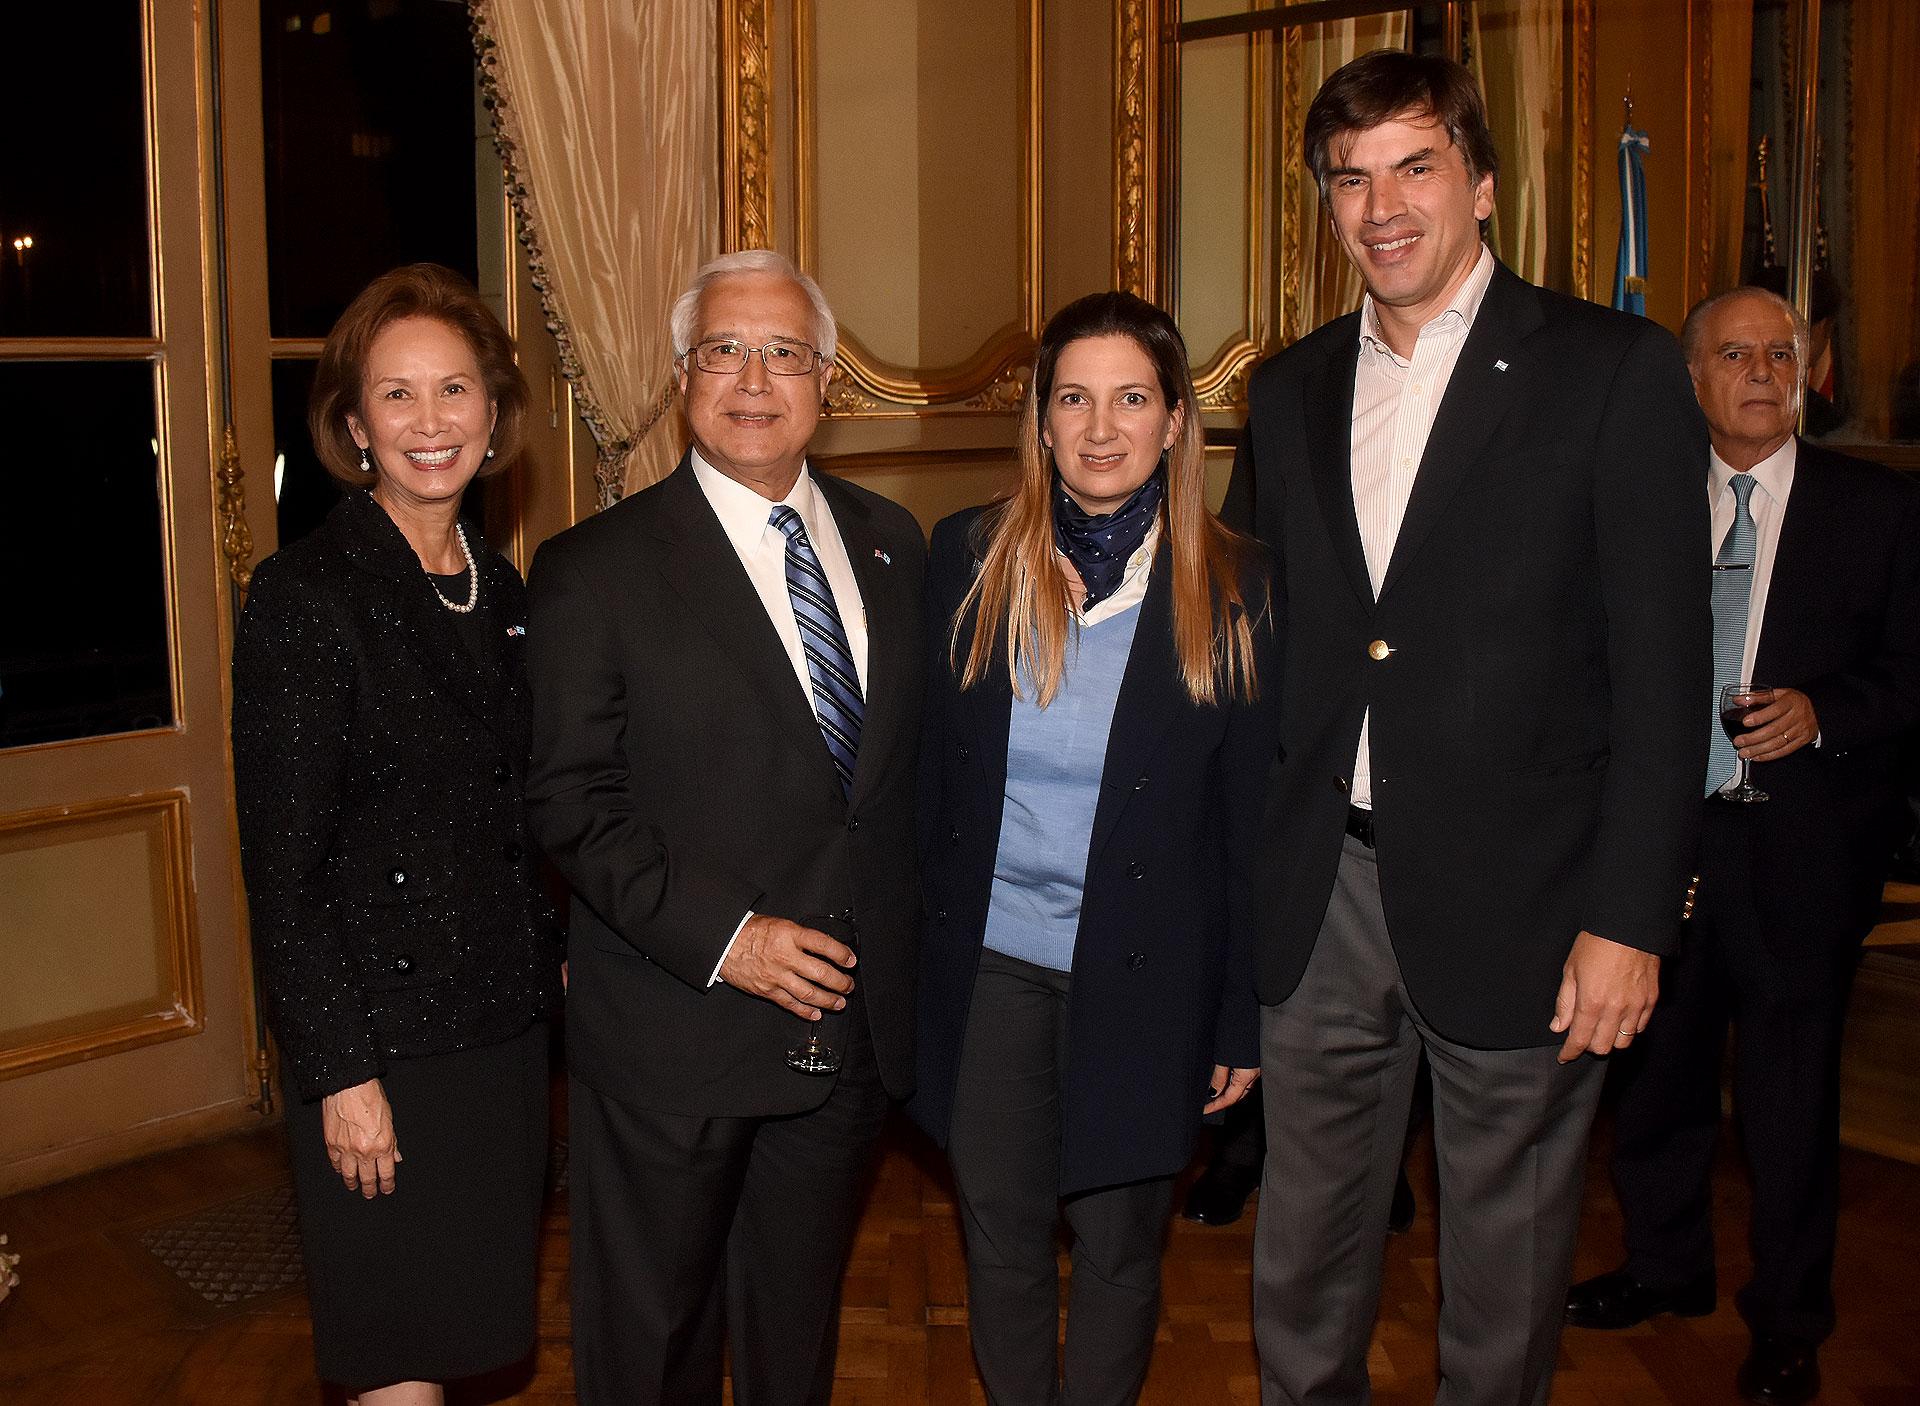 El secretario de Relaciones Económicas Internacionales, Horacio Reyser, junto al embajdor y su esposa